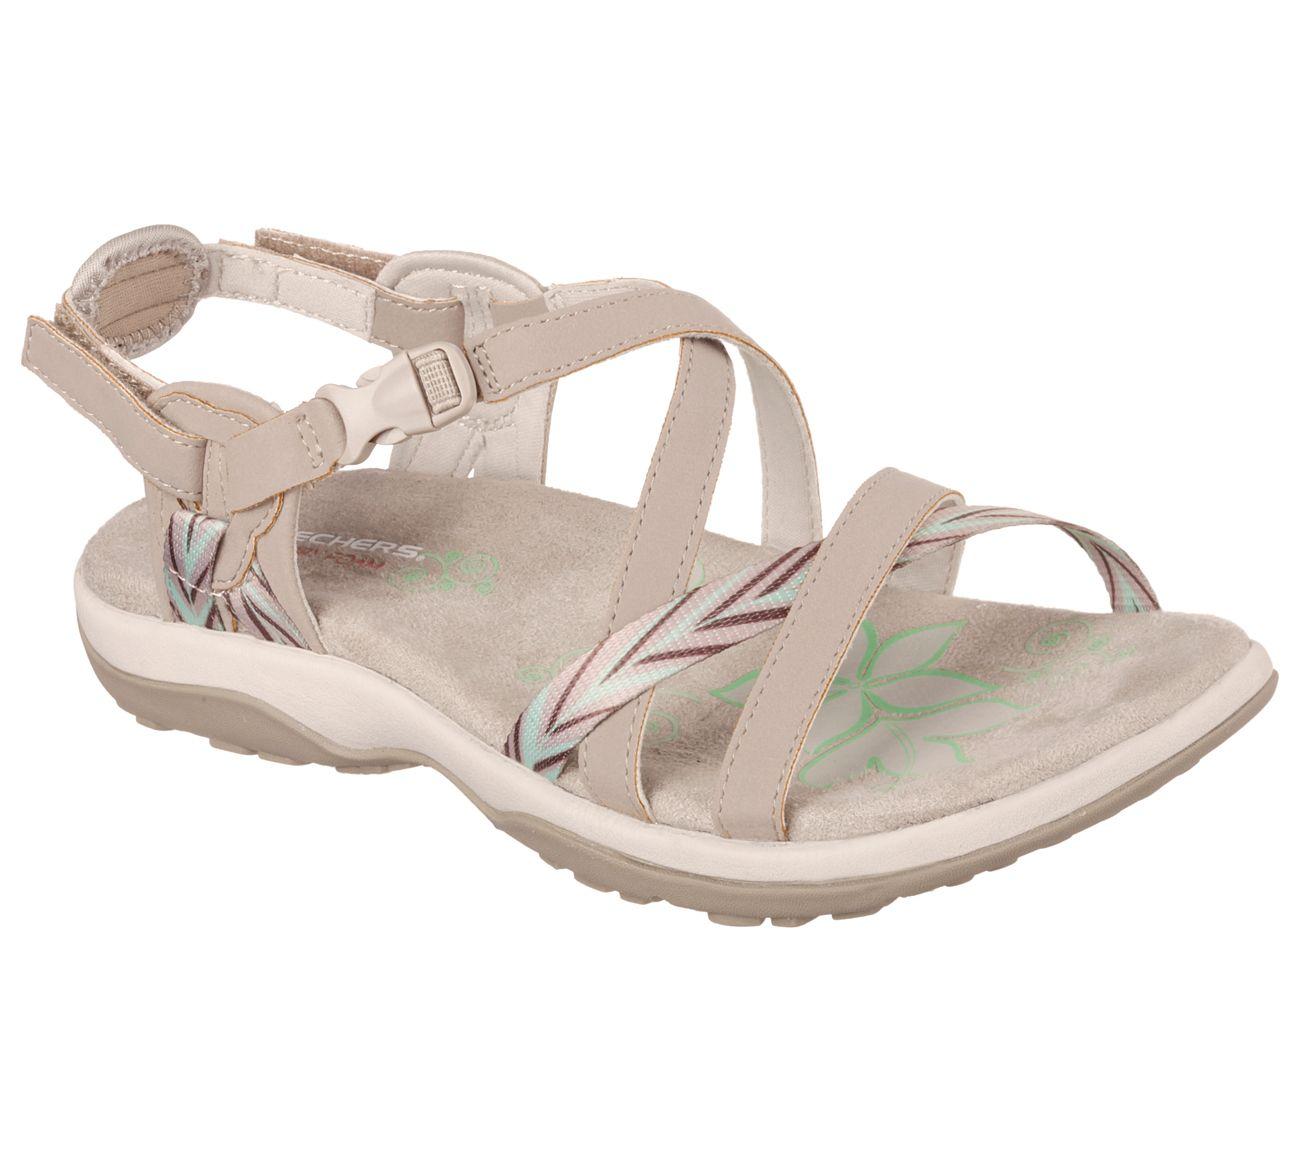 Womens sandals, Skechers, Skechers women